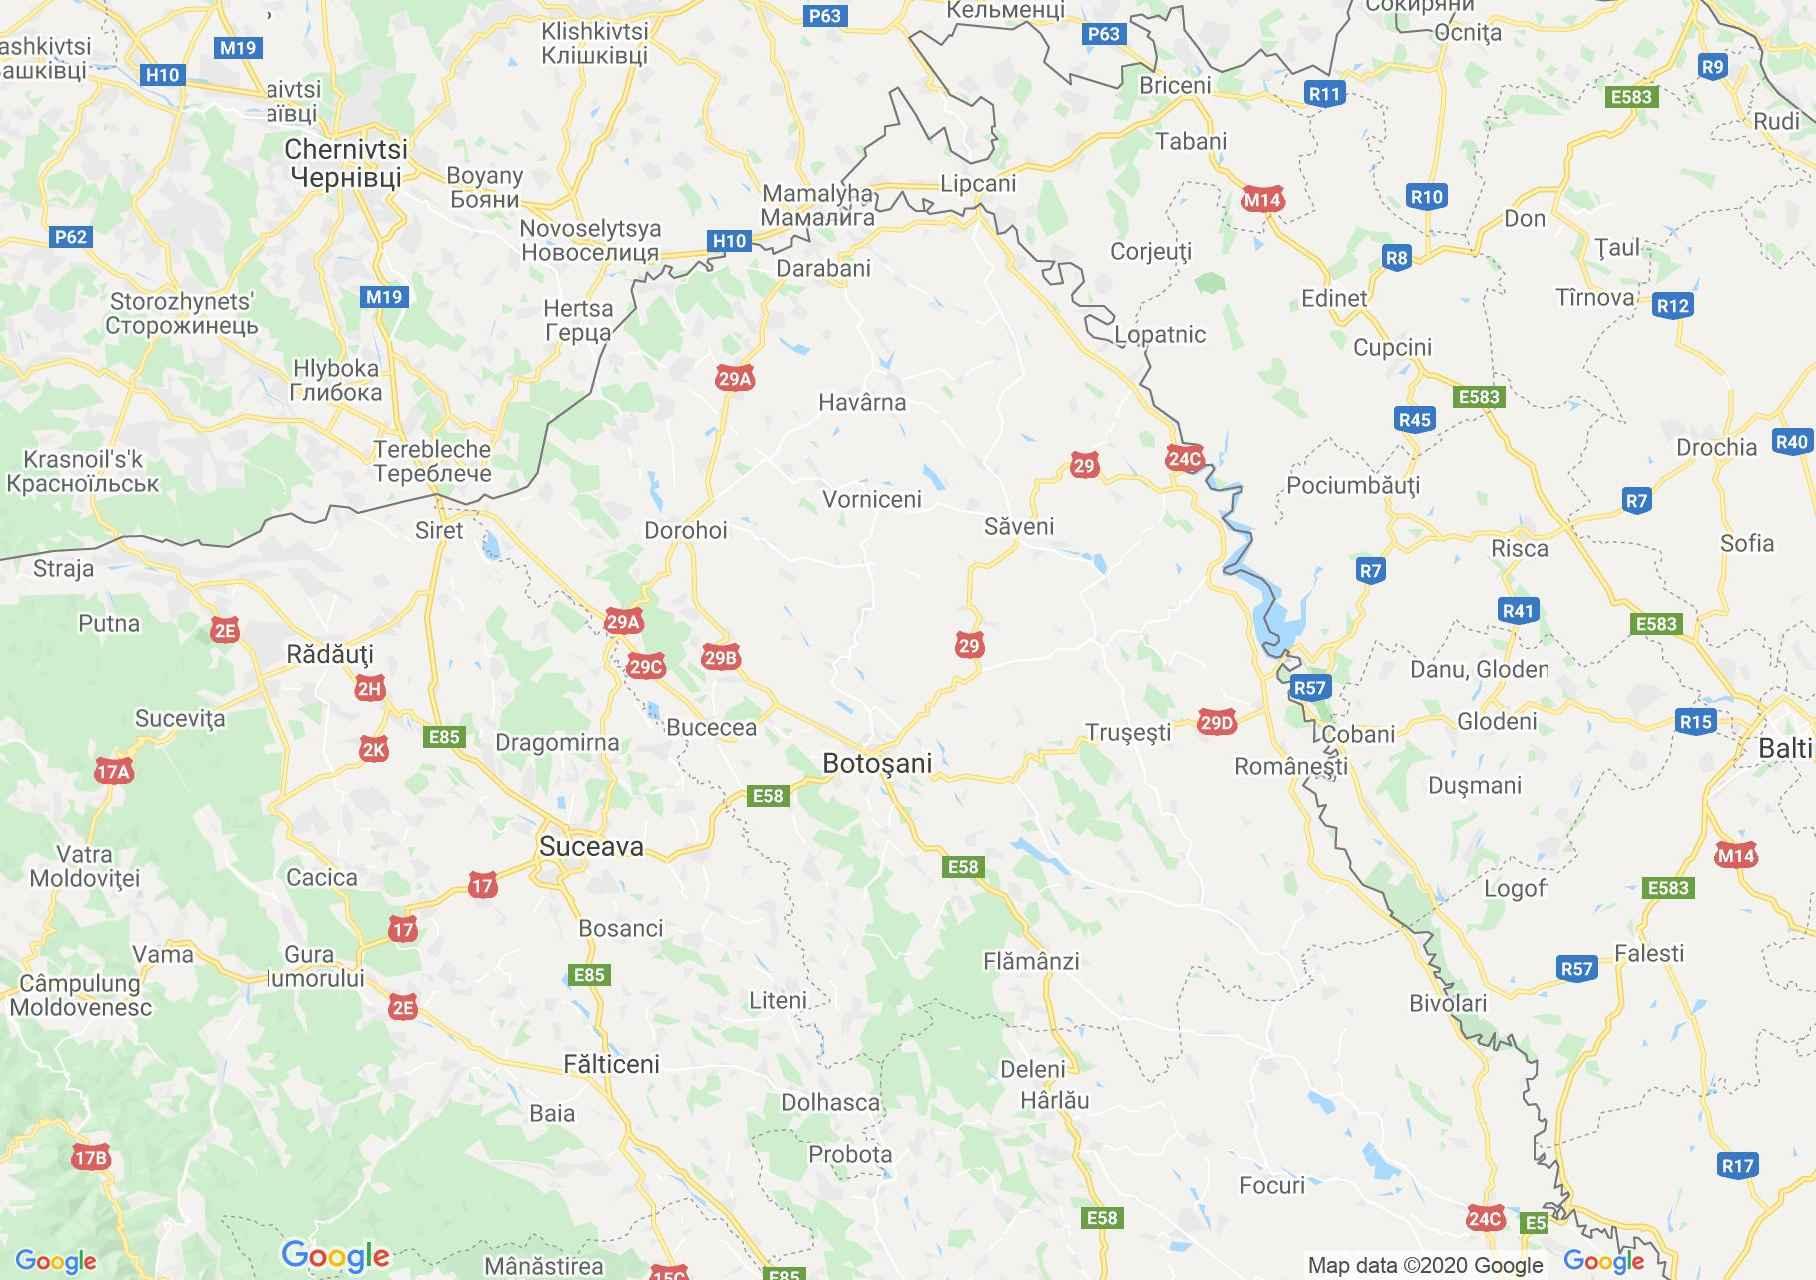 Judeţul Botoşani: (Botoșani), Harta turistică interactivă